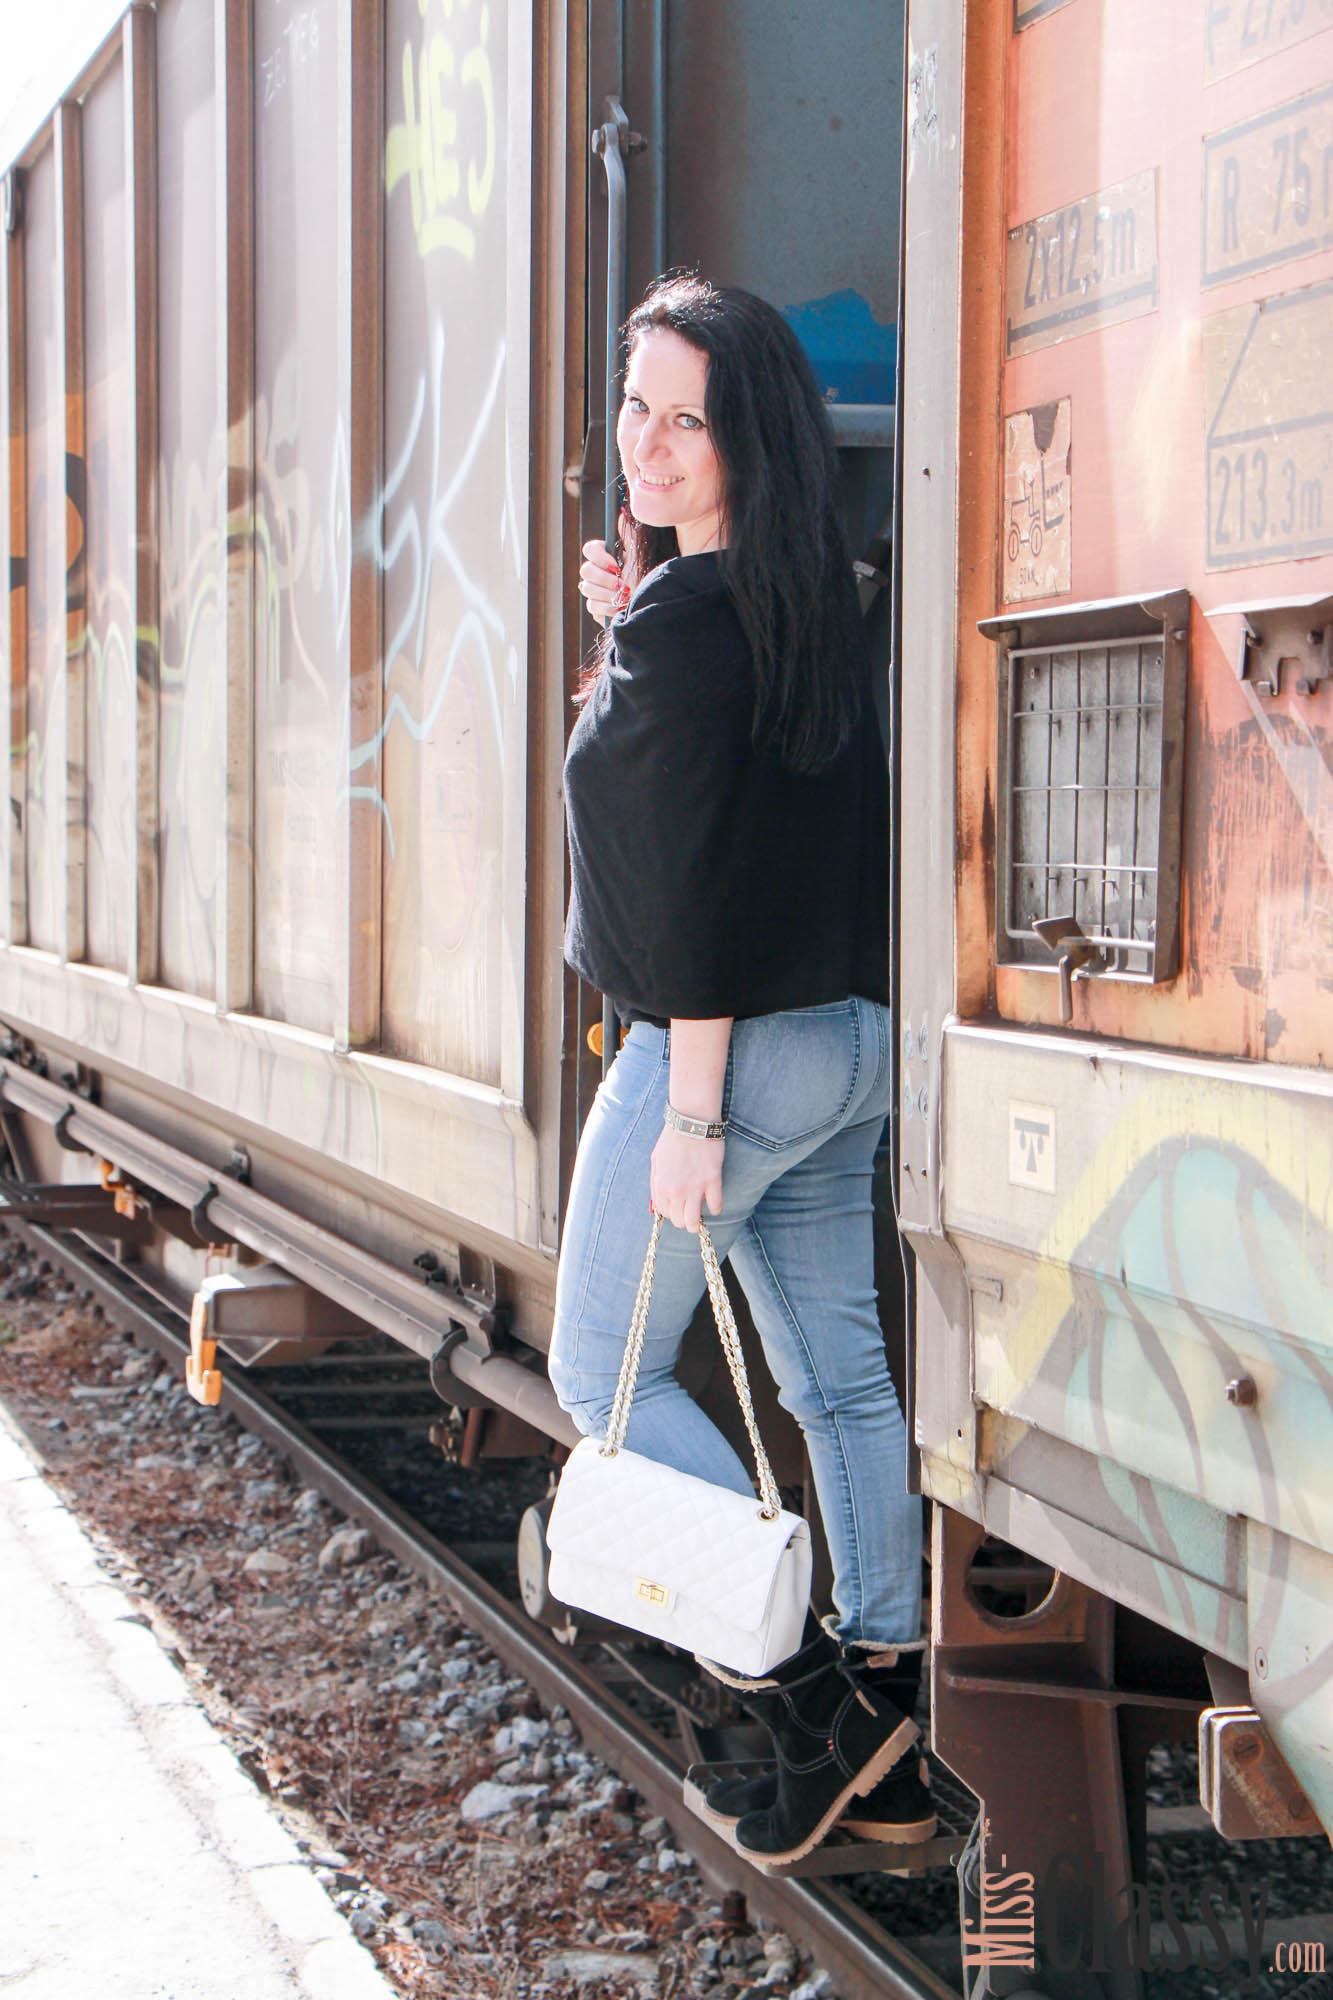 Transwaggon Graffiti_08